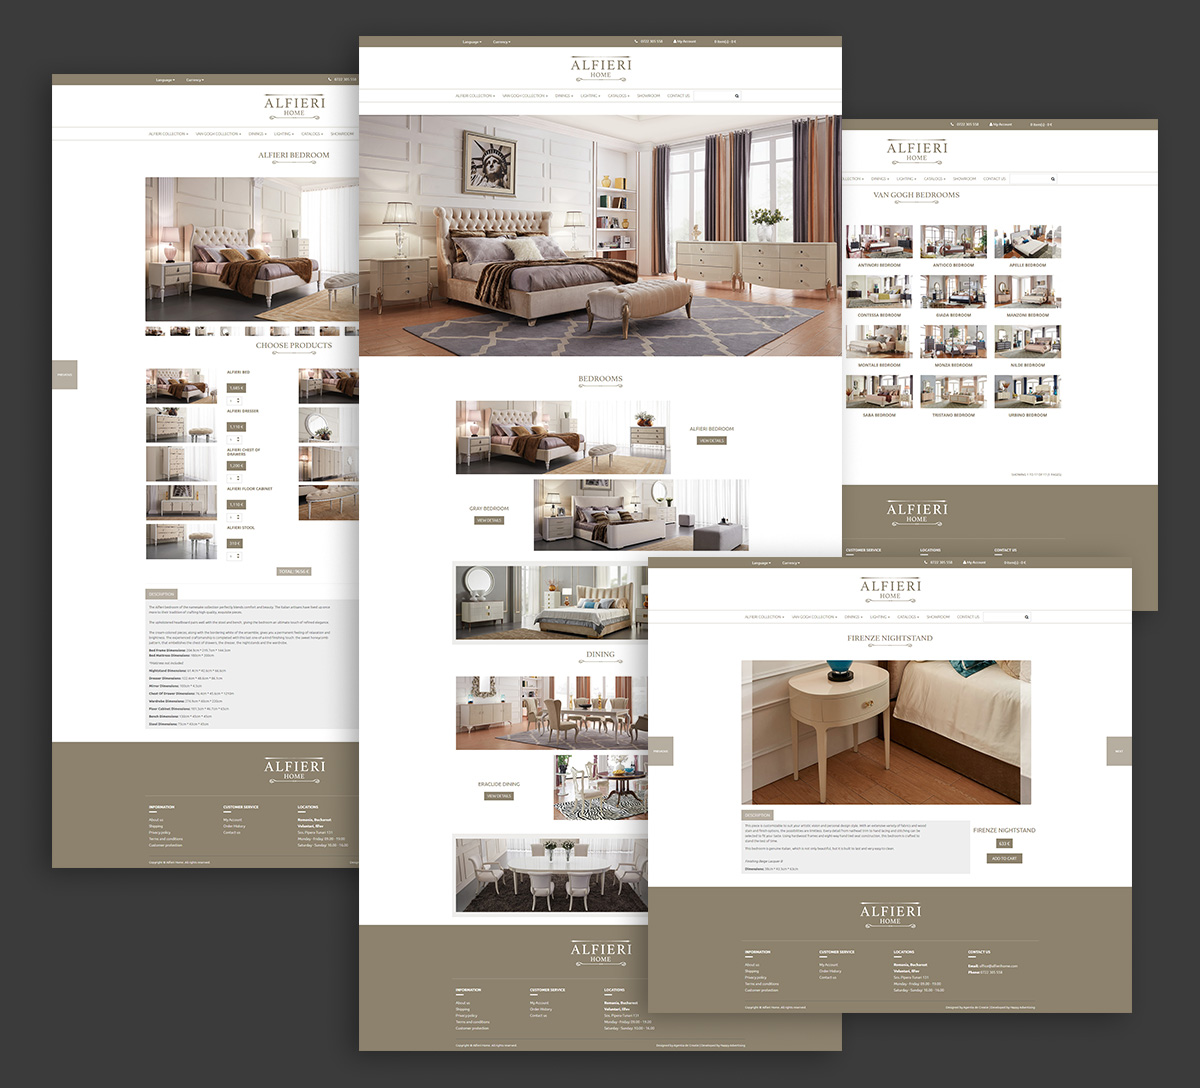 alfieri web2 - Alfieri Home